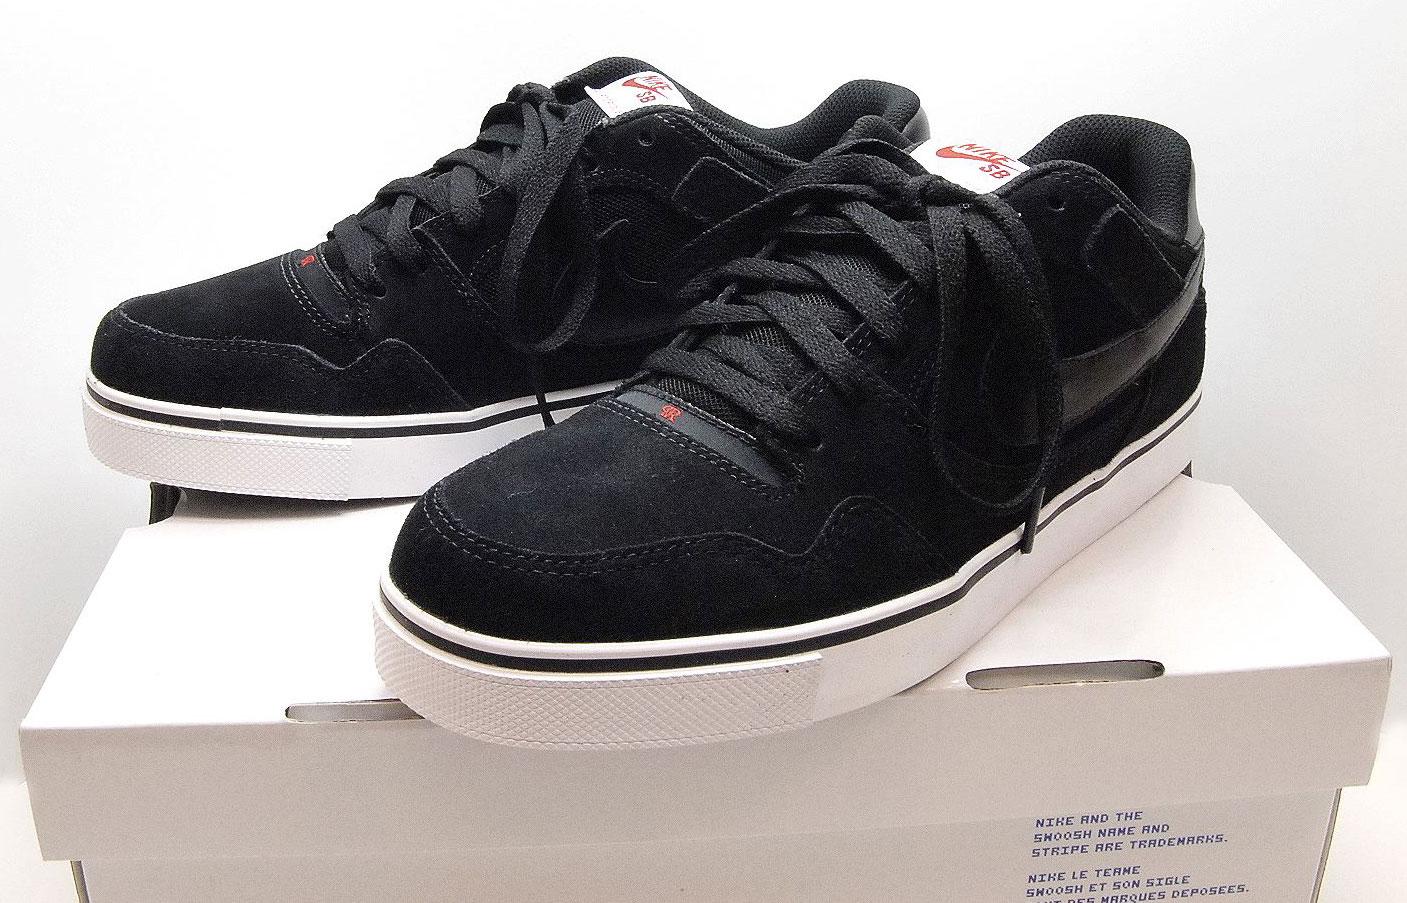 NIKEsb(100130)ブラック/ブラック